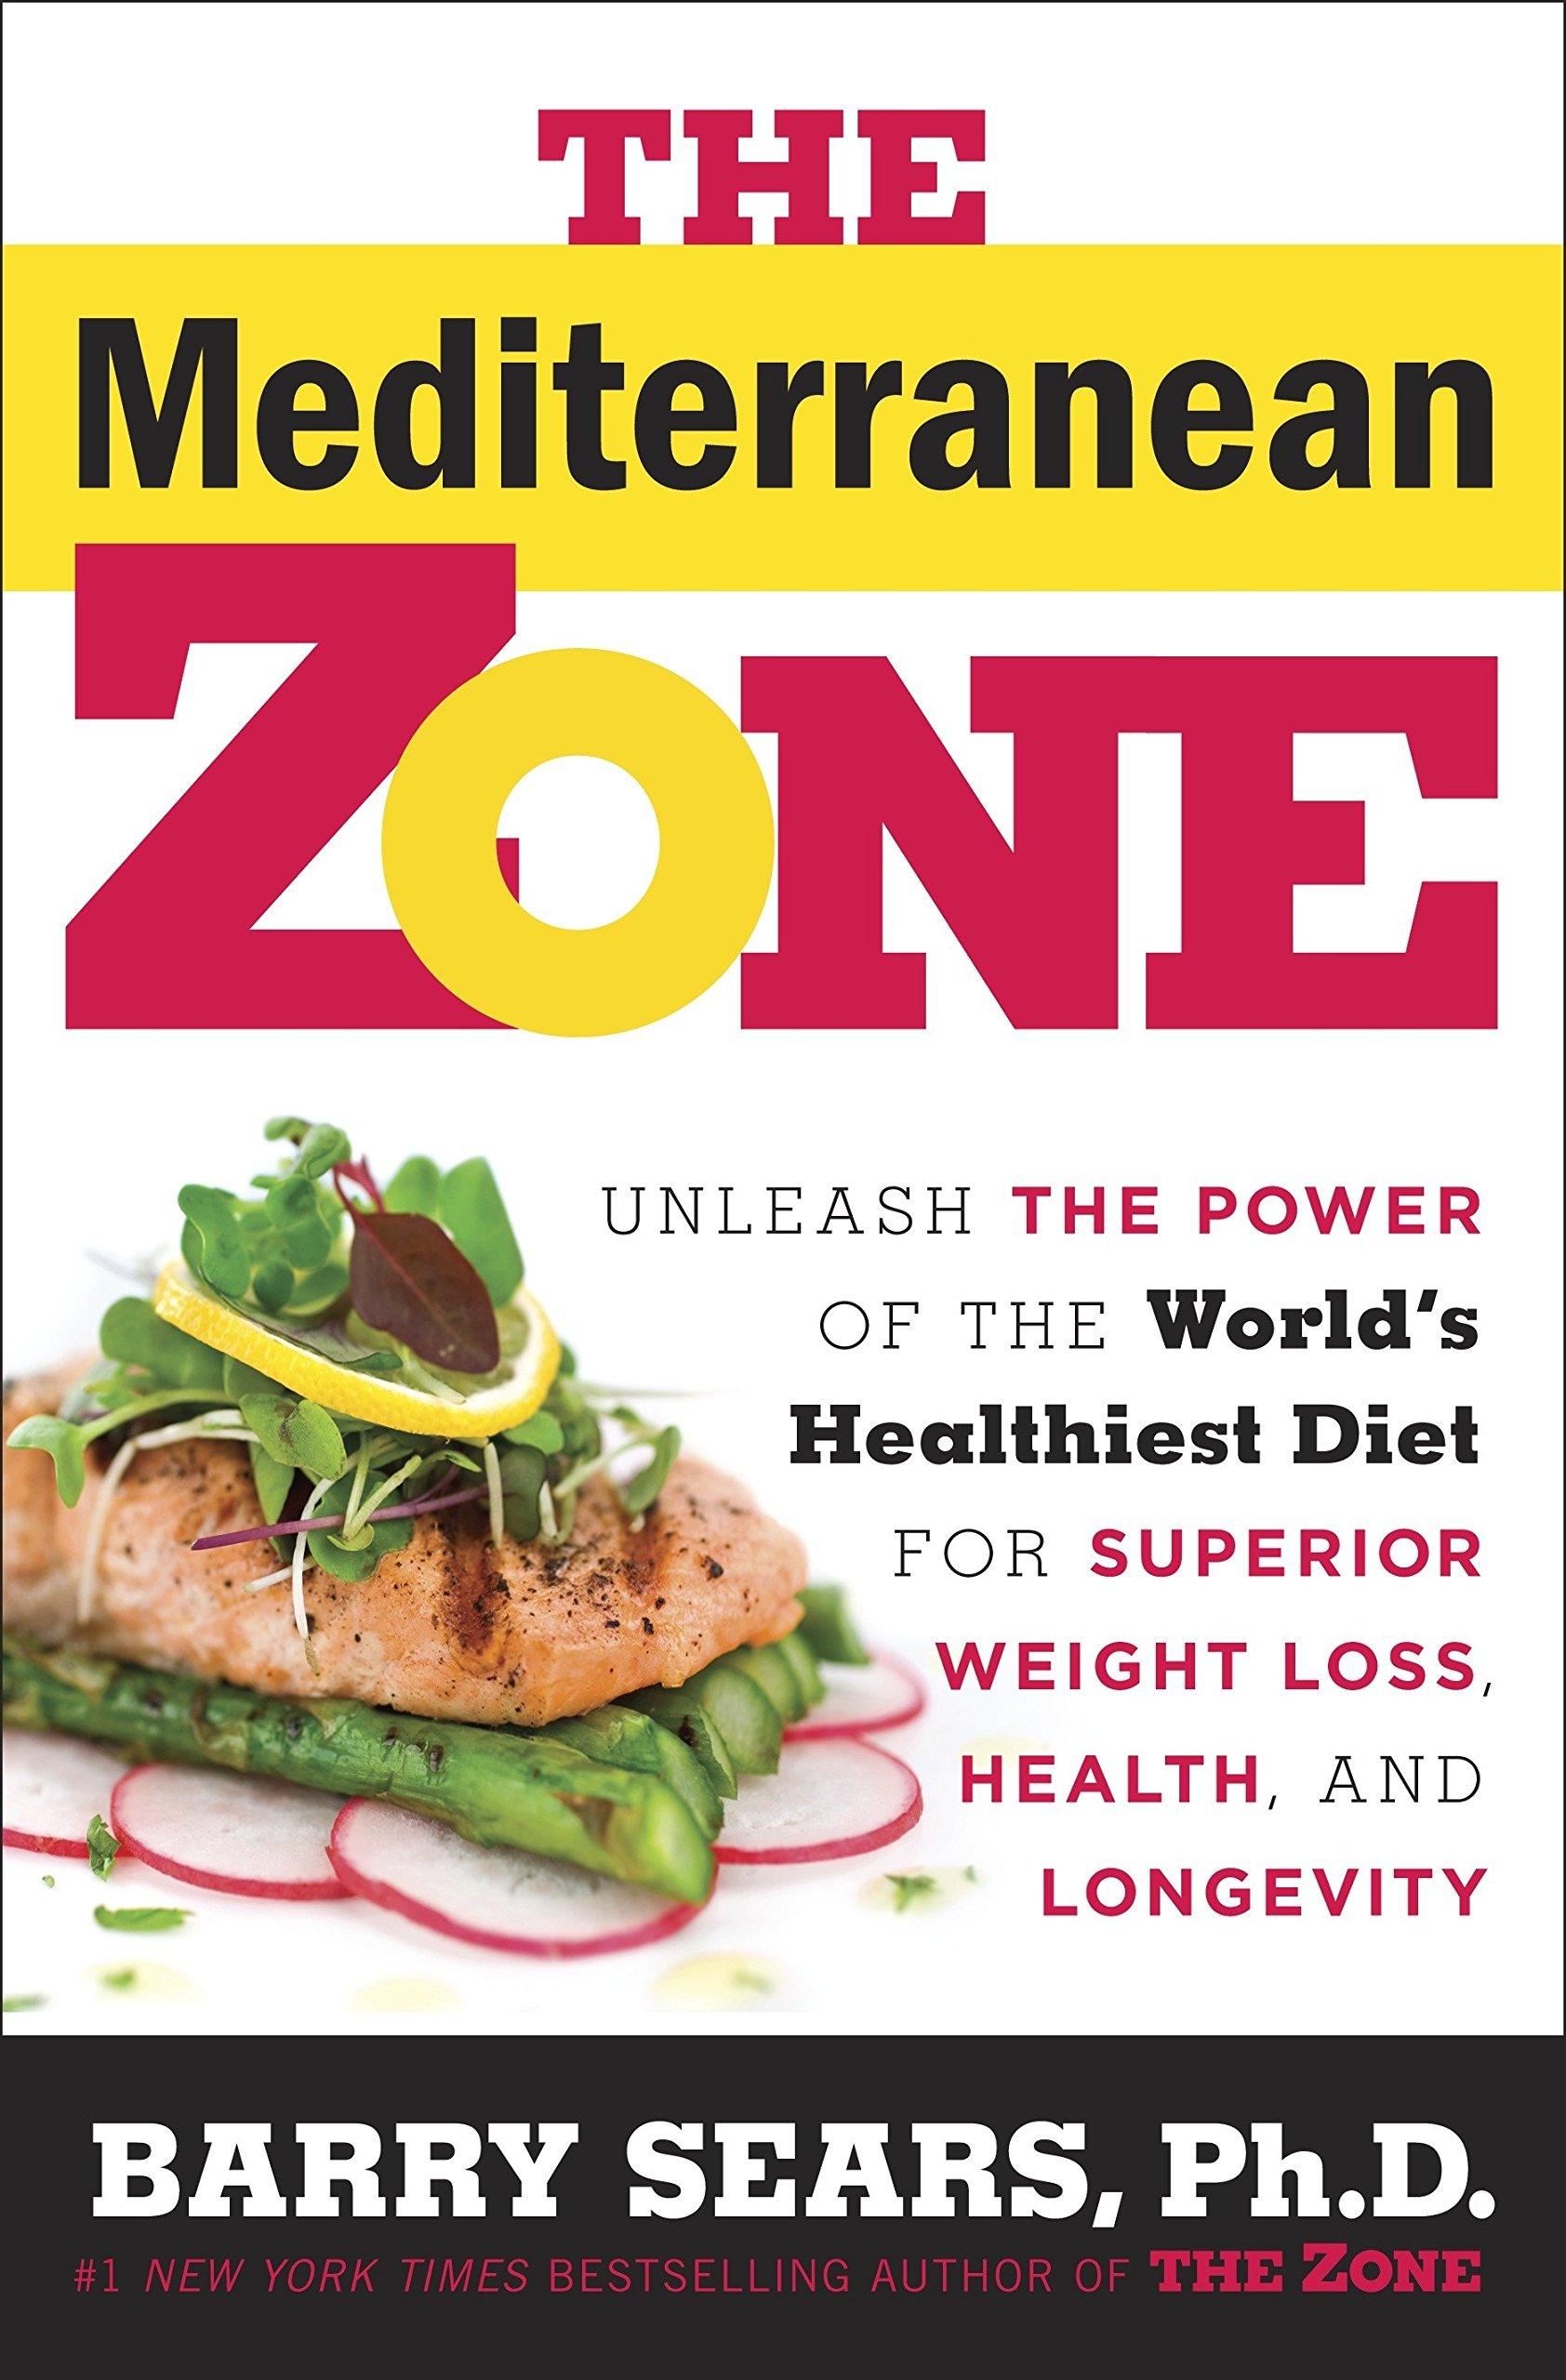 super fast zone diet lunch meals